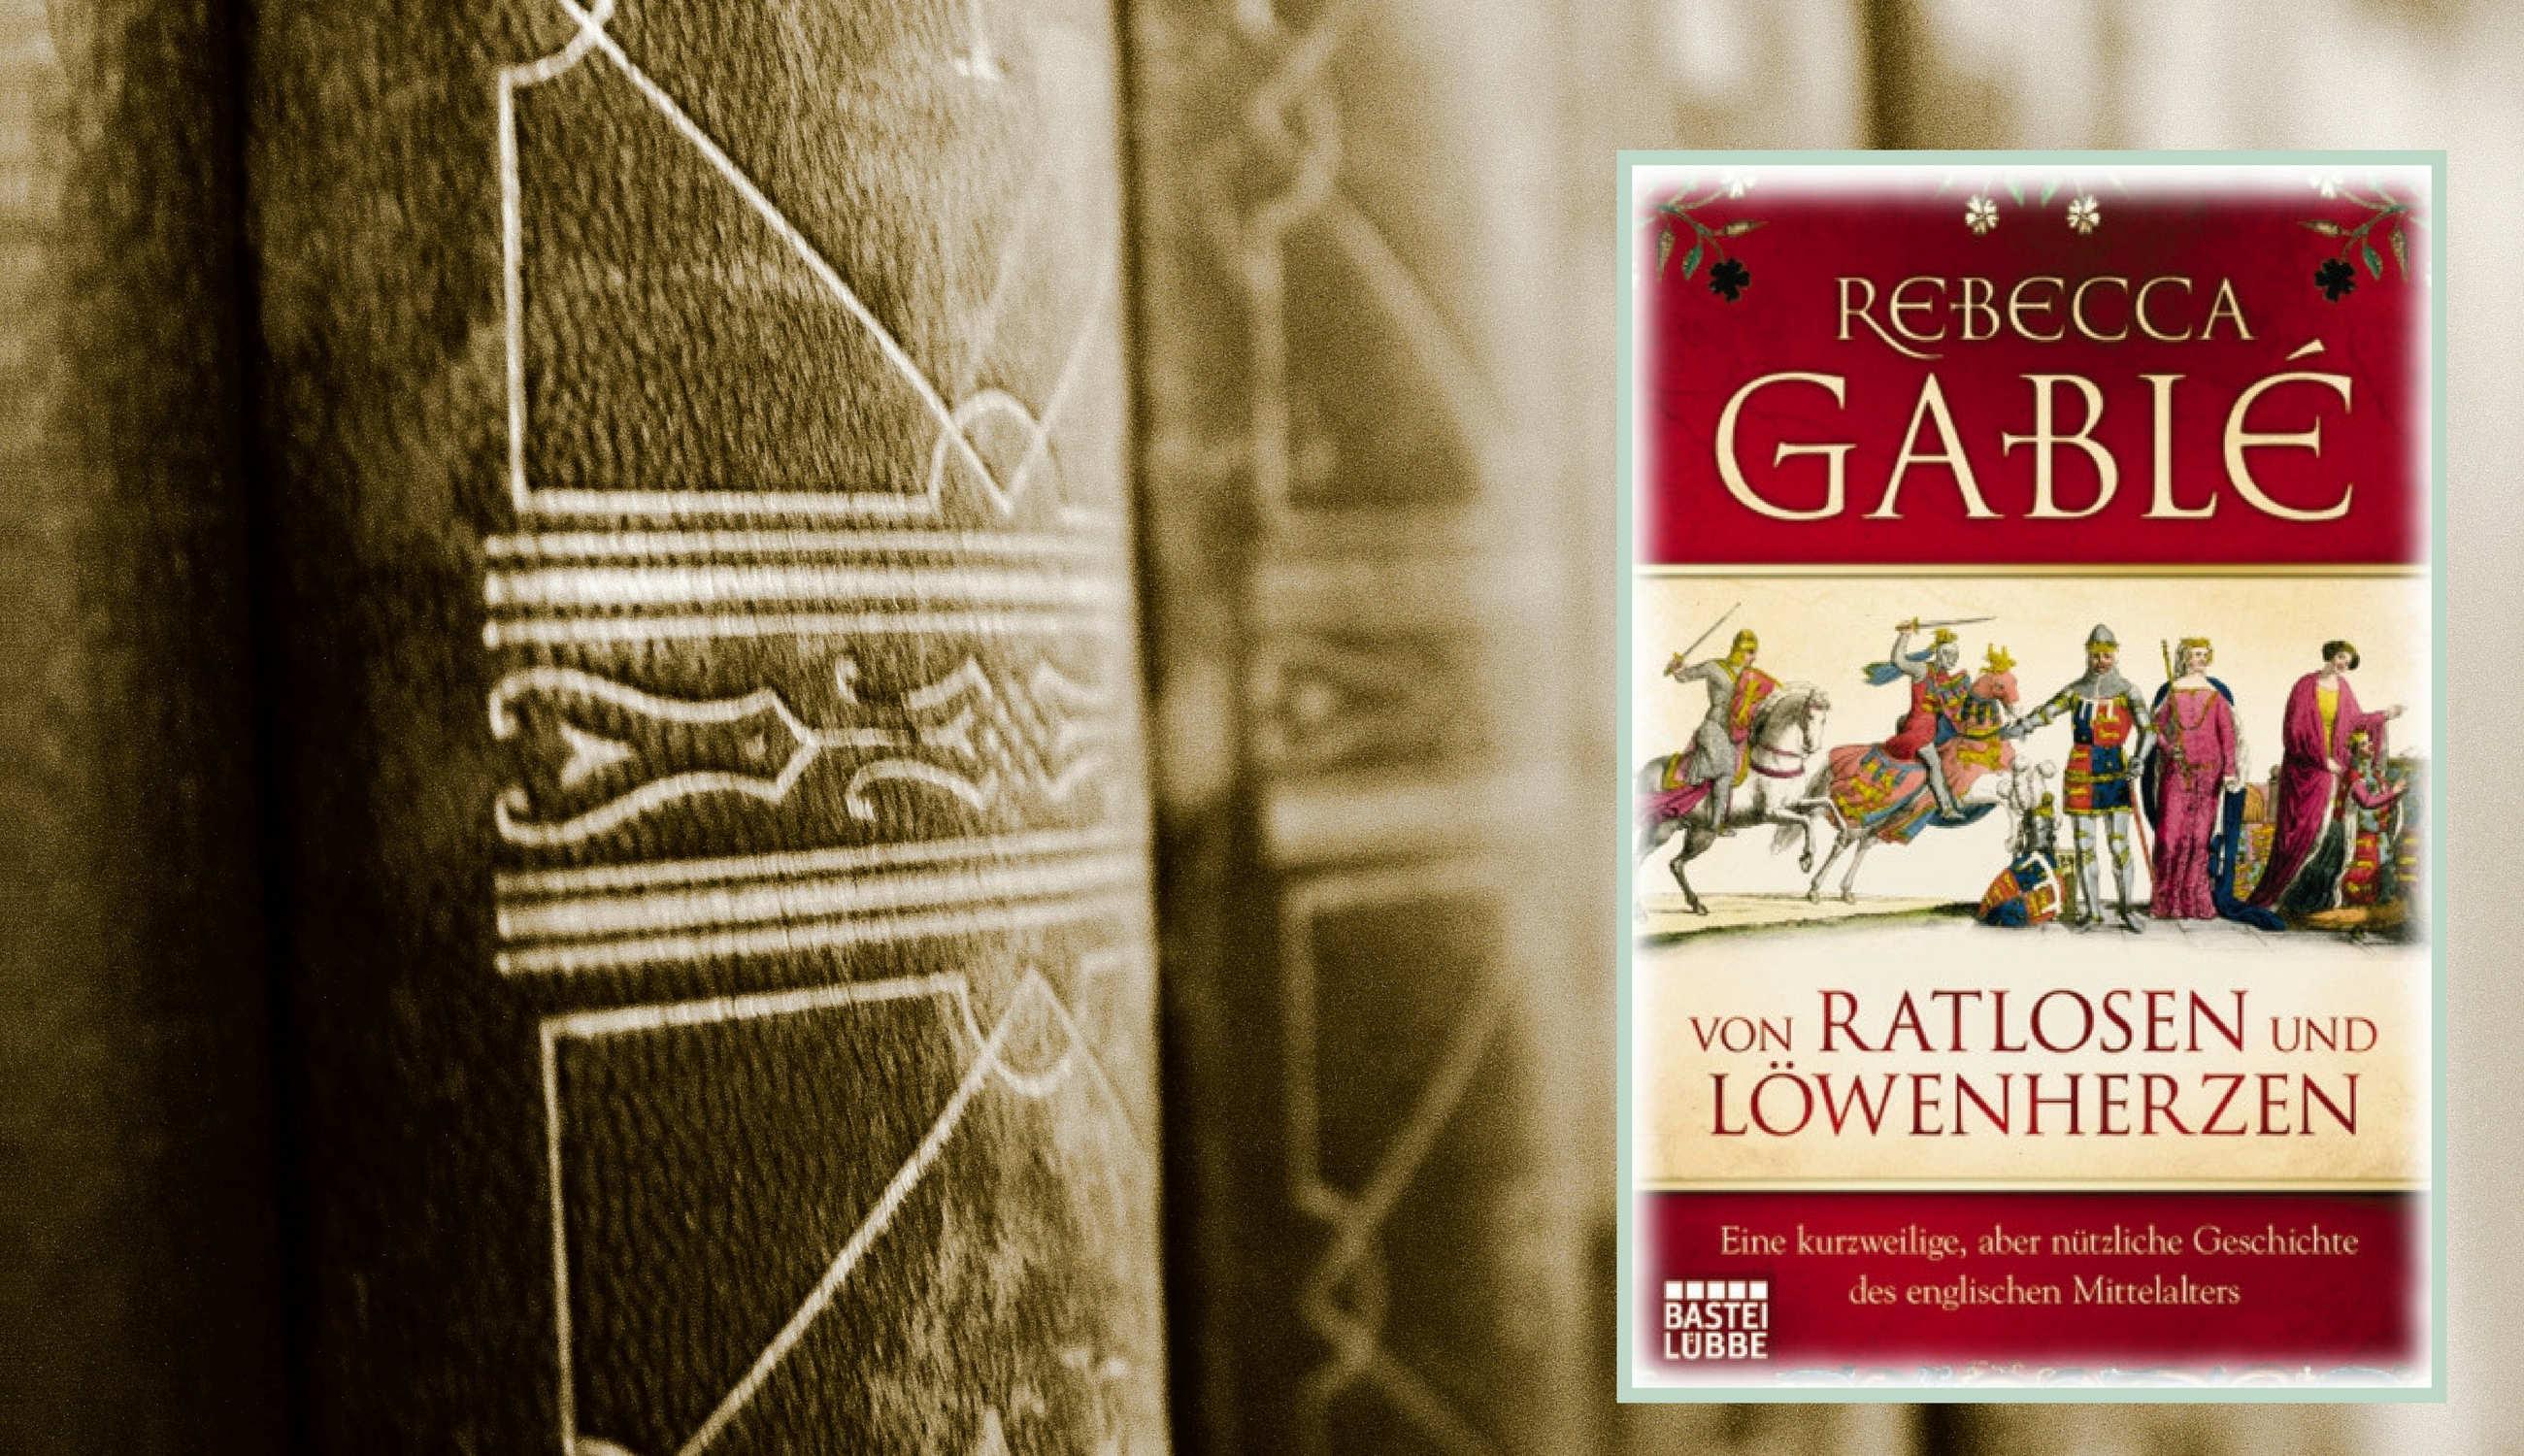 Rezension des Buchs von Ratlosen und Löwenherzen von Rebecca Gablé